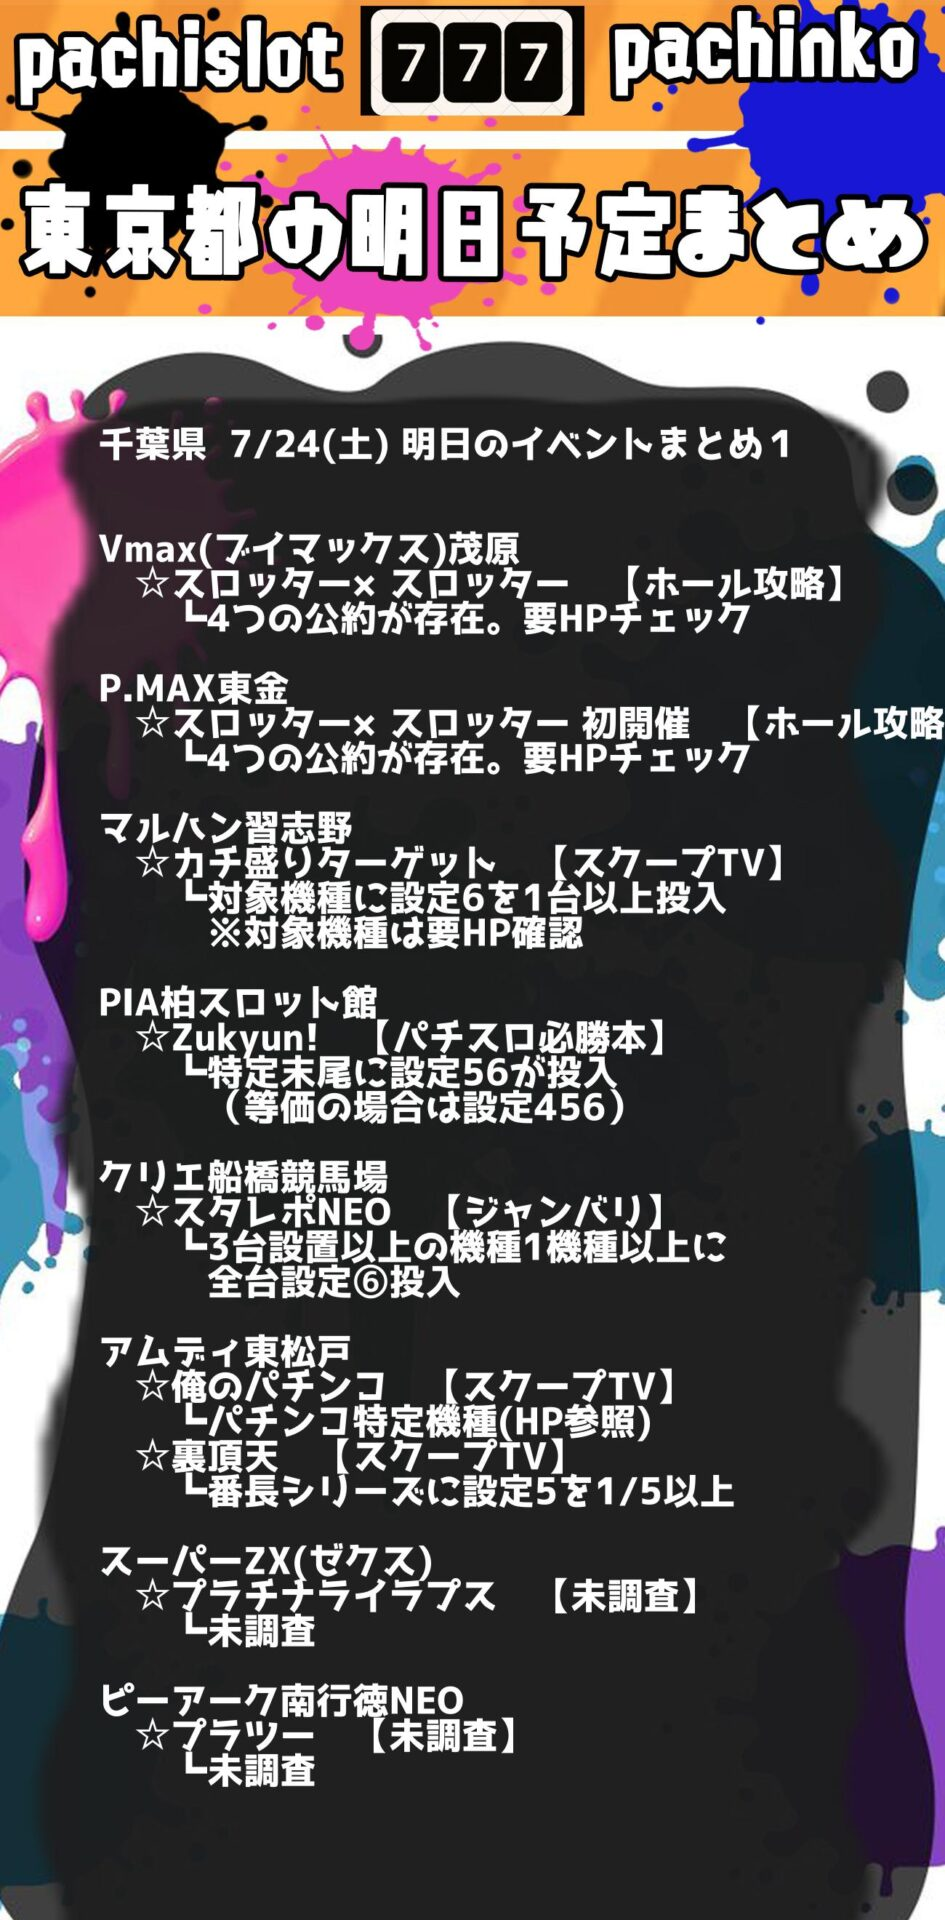 千葉県_2021-07-24_パチンコ・パチスロ_イベント